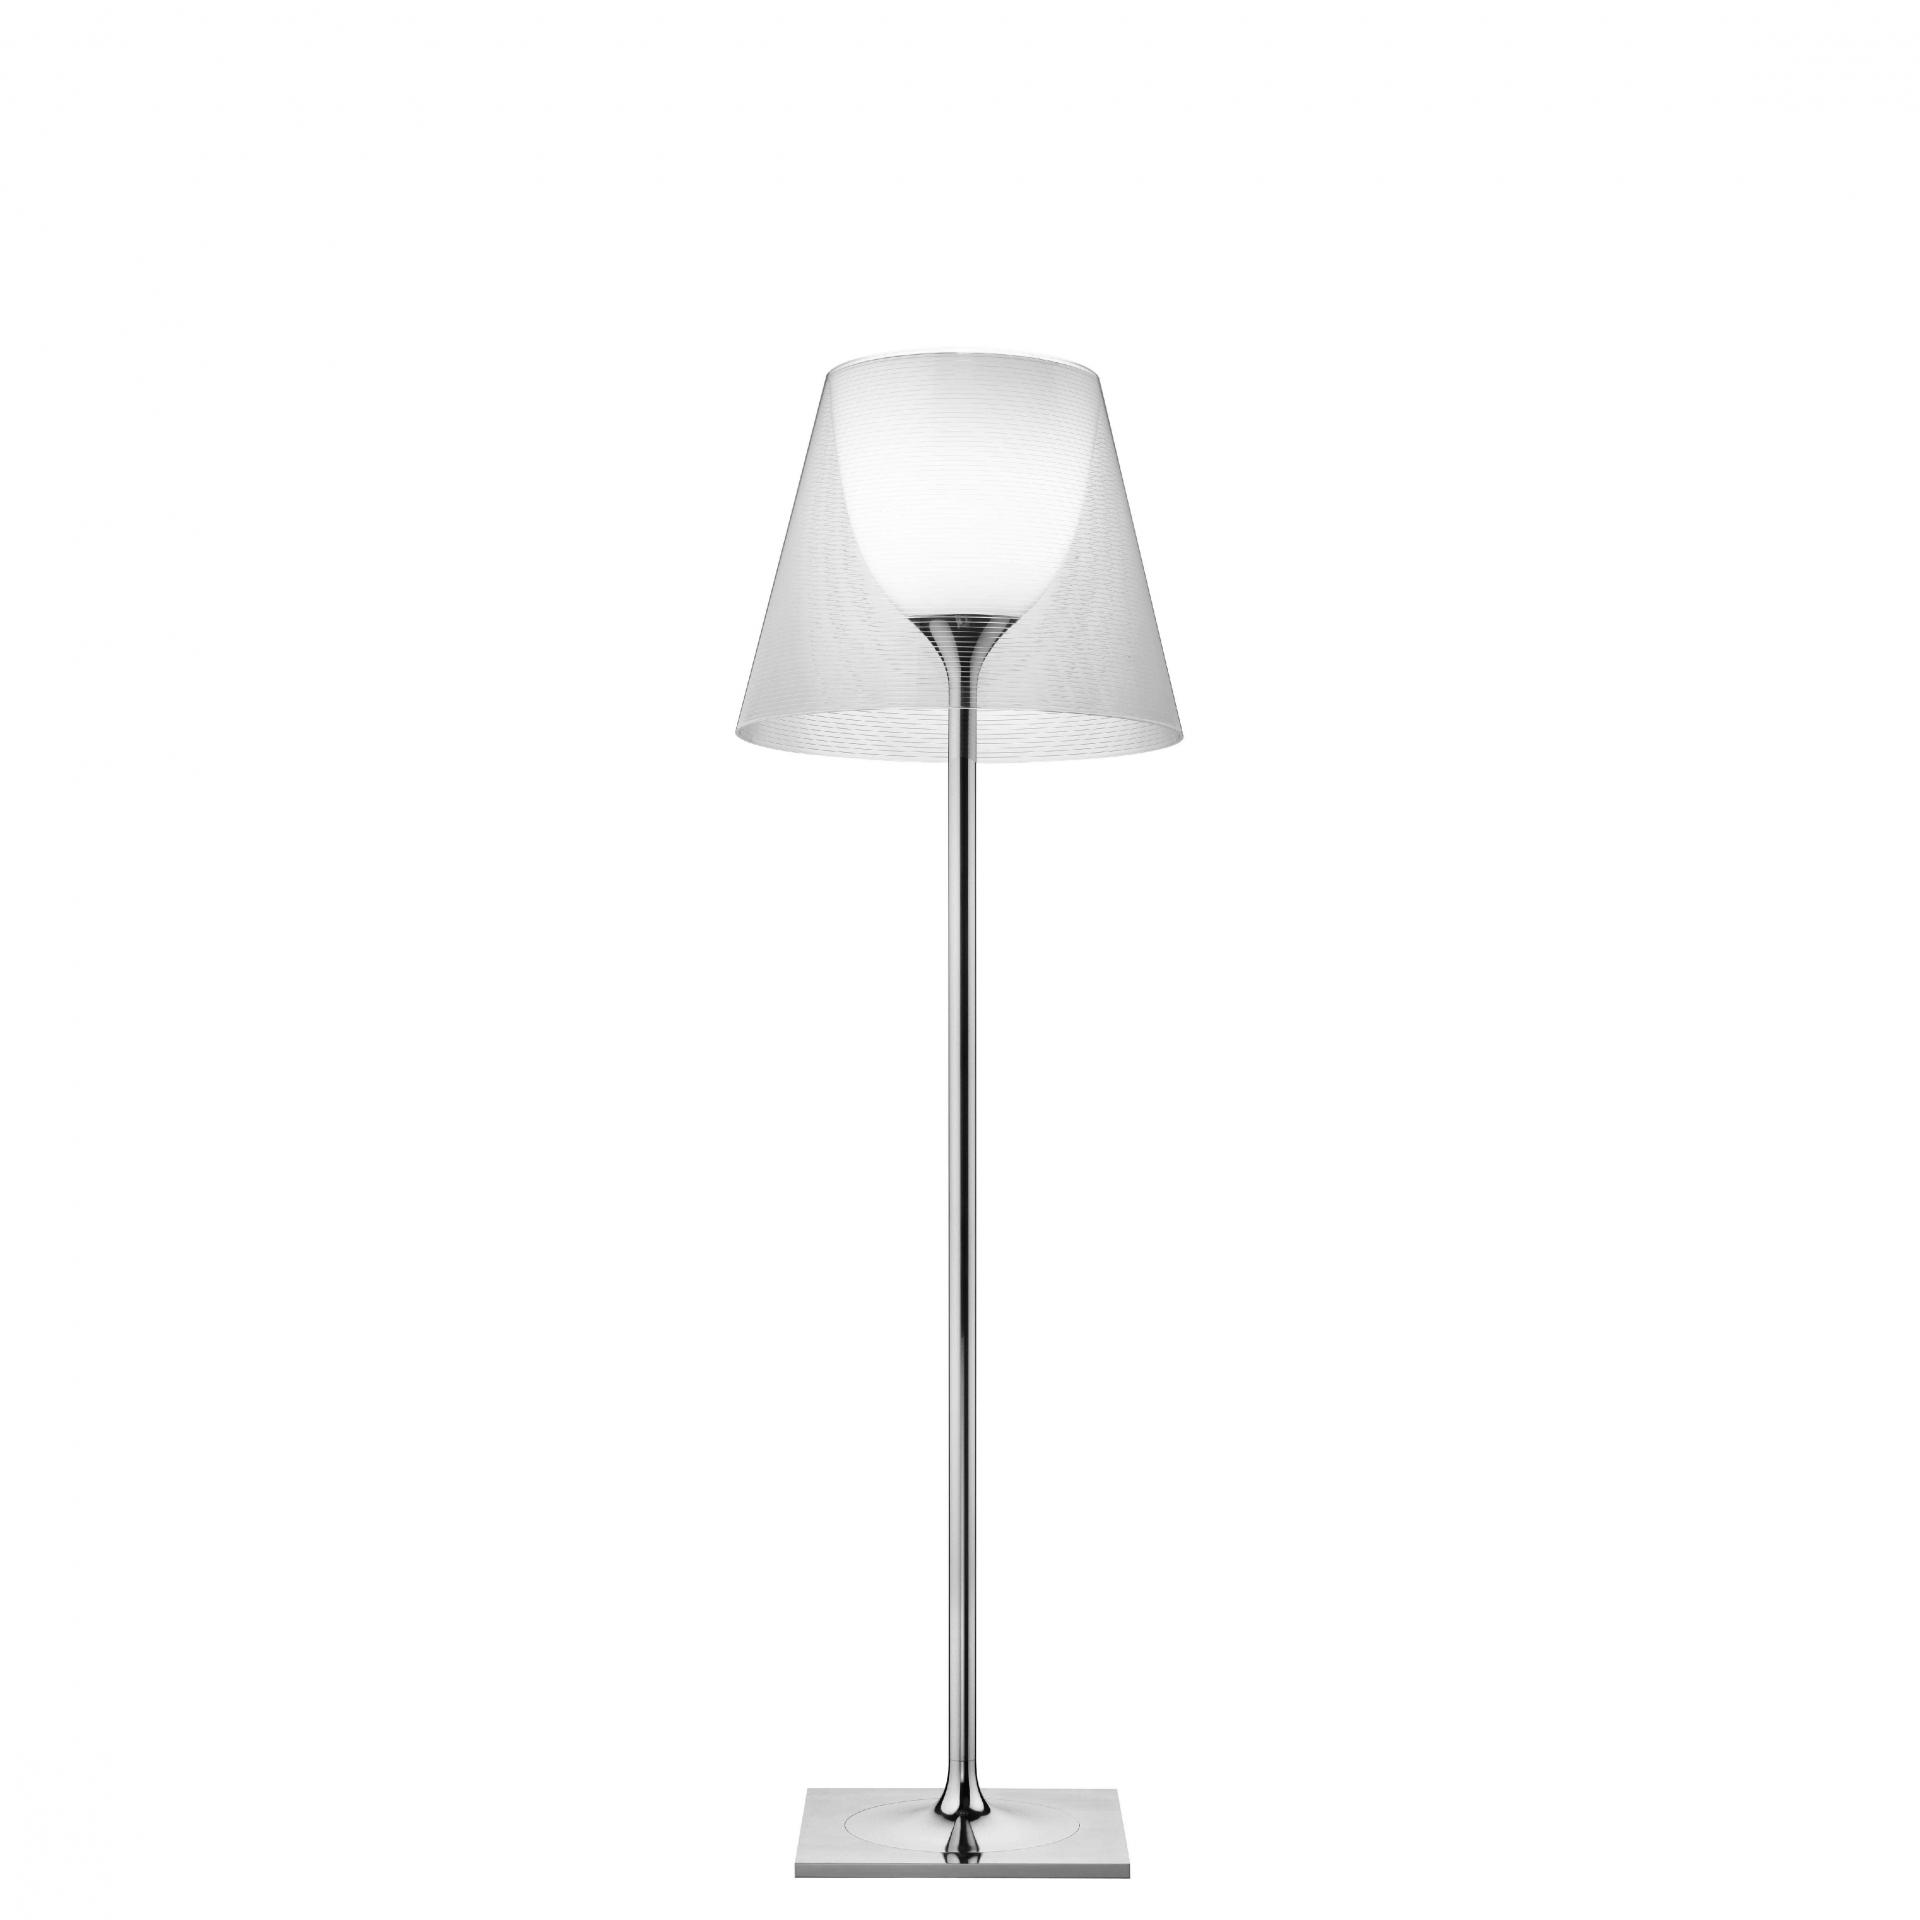 Flos designové stojací lampy Ktribe F2